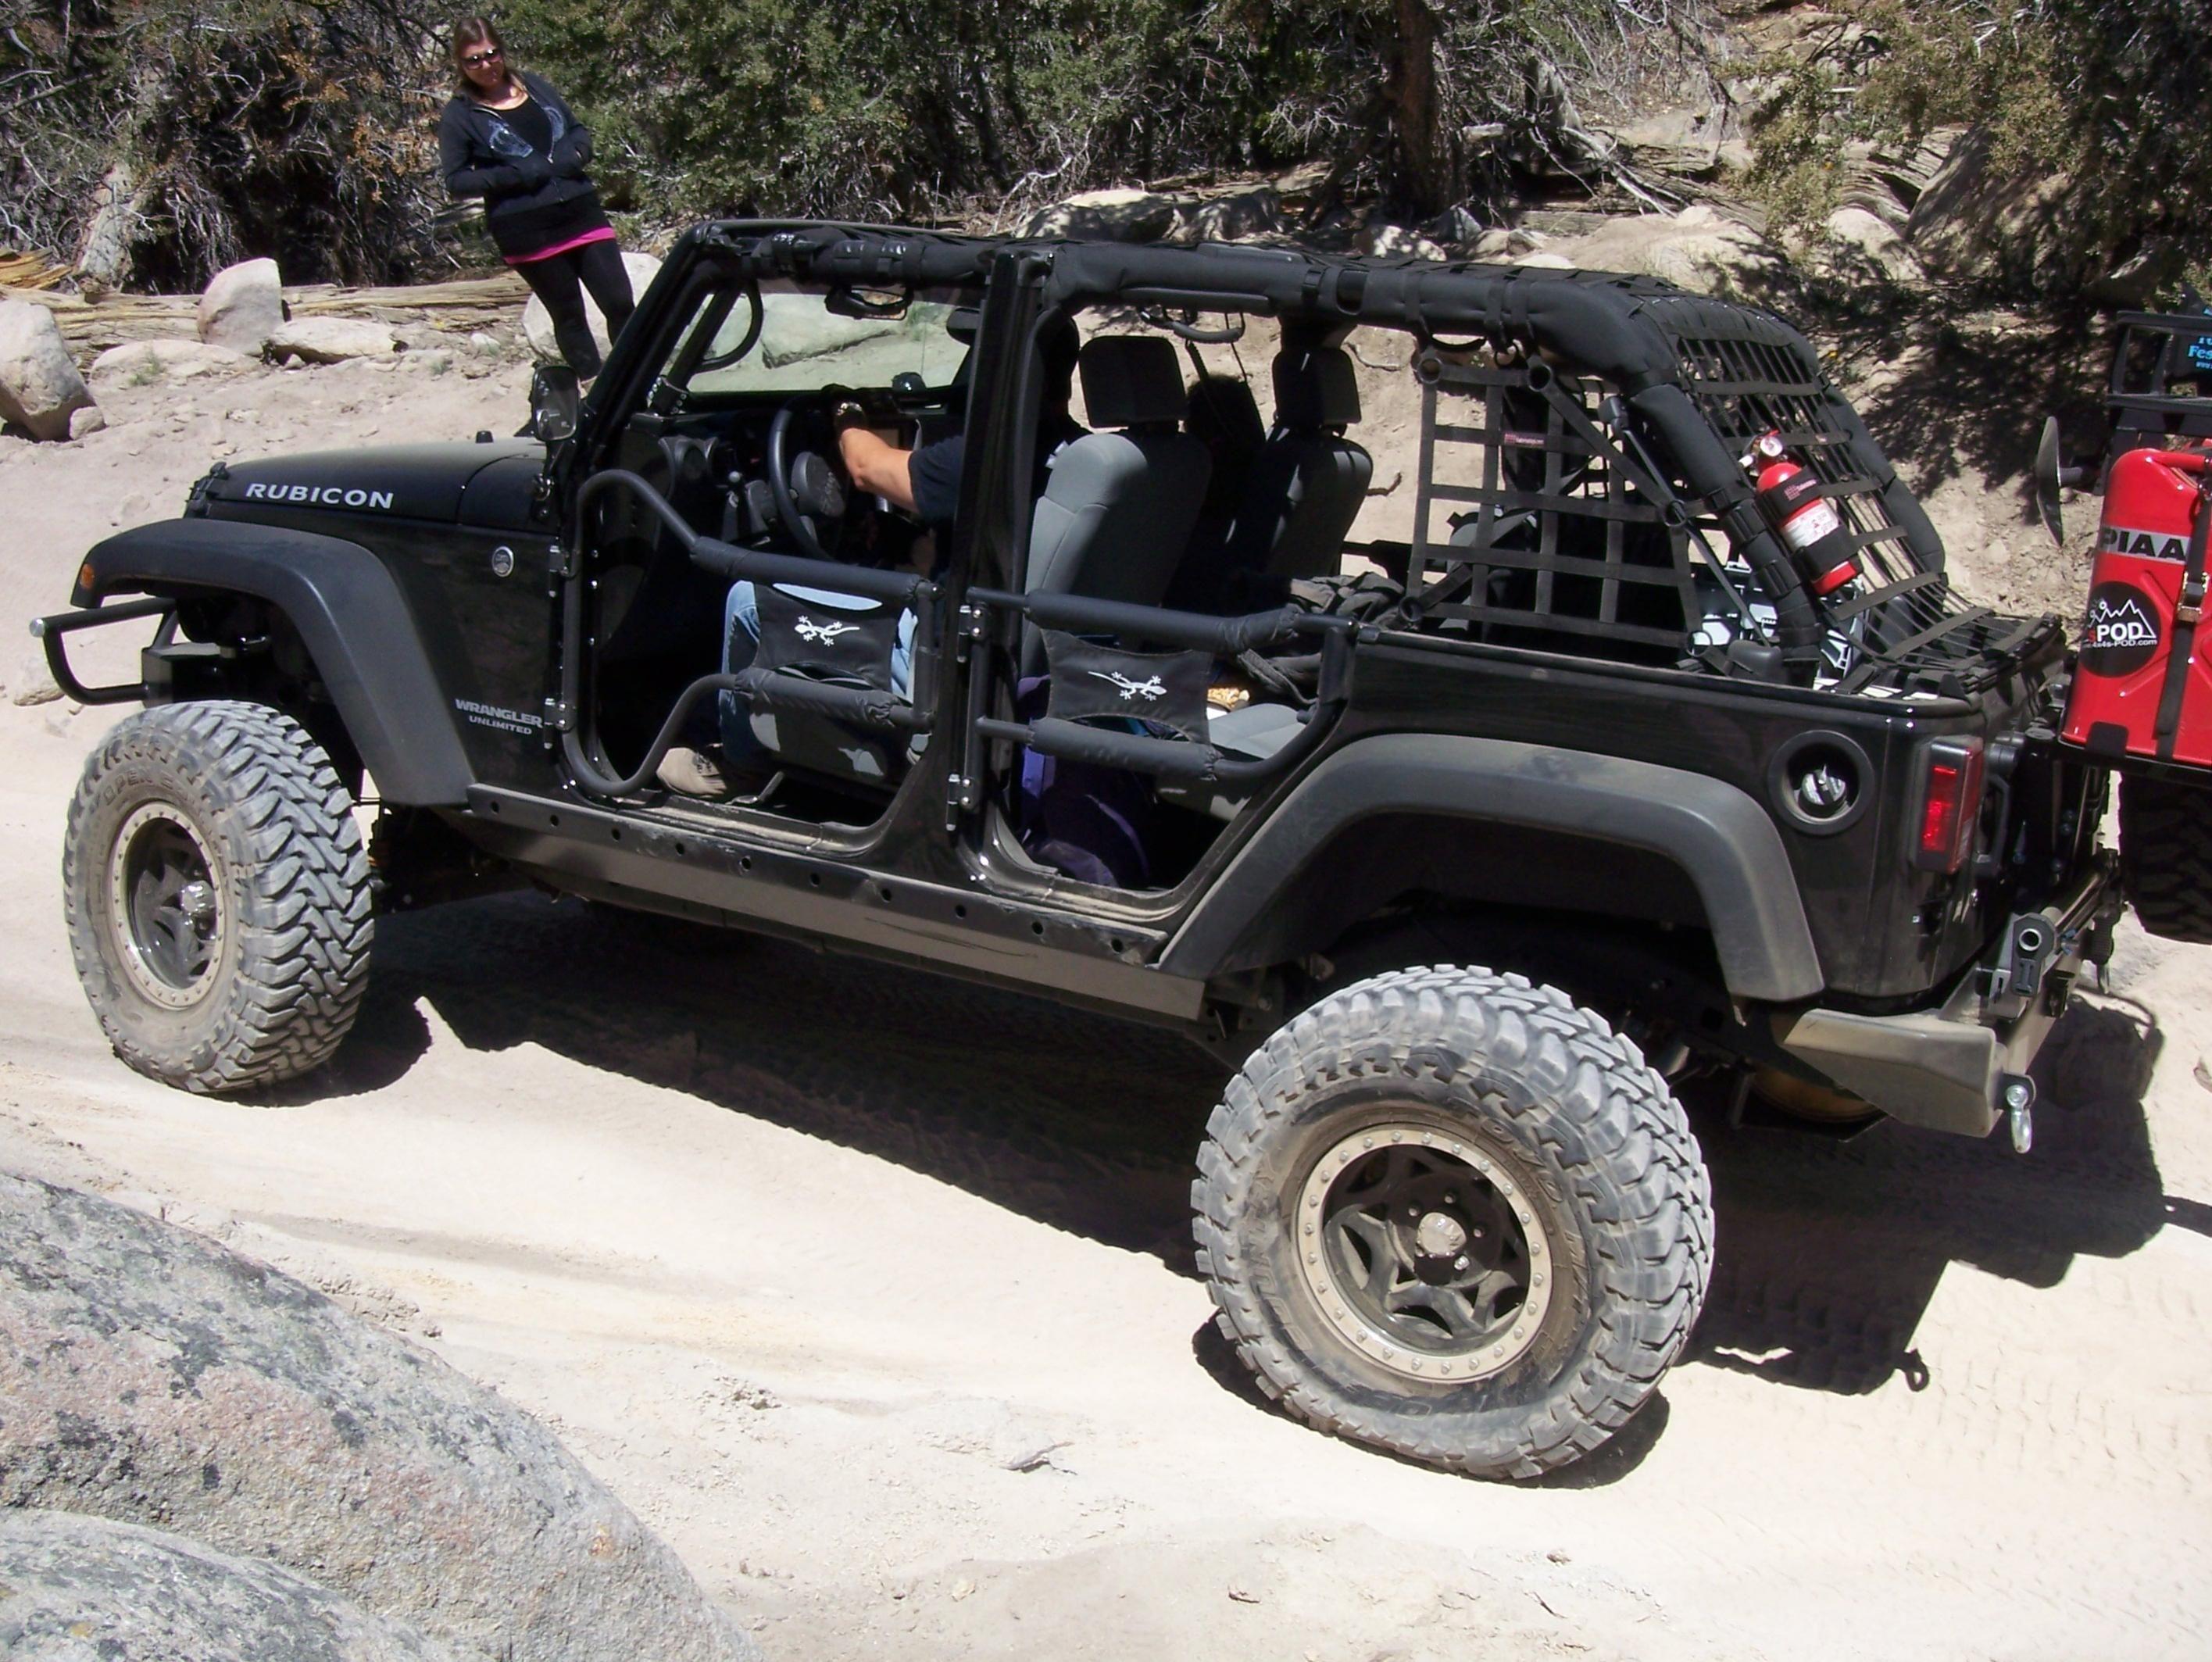 jk 4 door tube doors or fab on sale 500 jkowners com jeep wrangler jk forum [ 2831 x 2127 Pixel ]